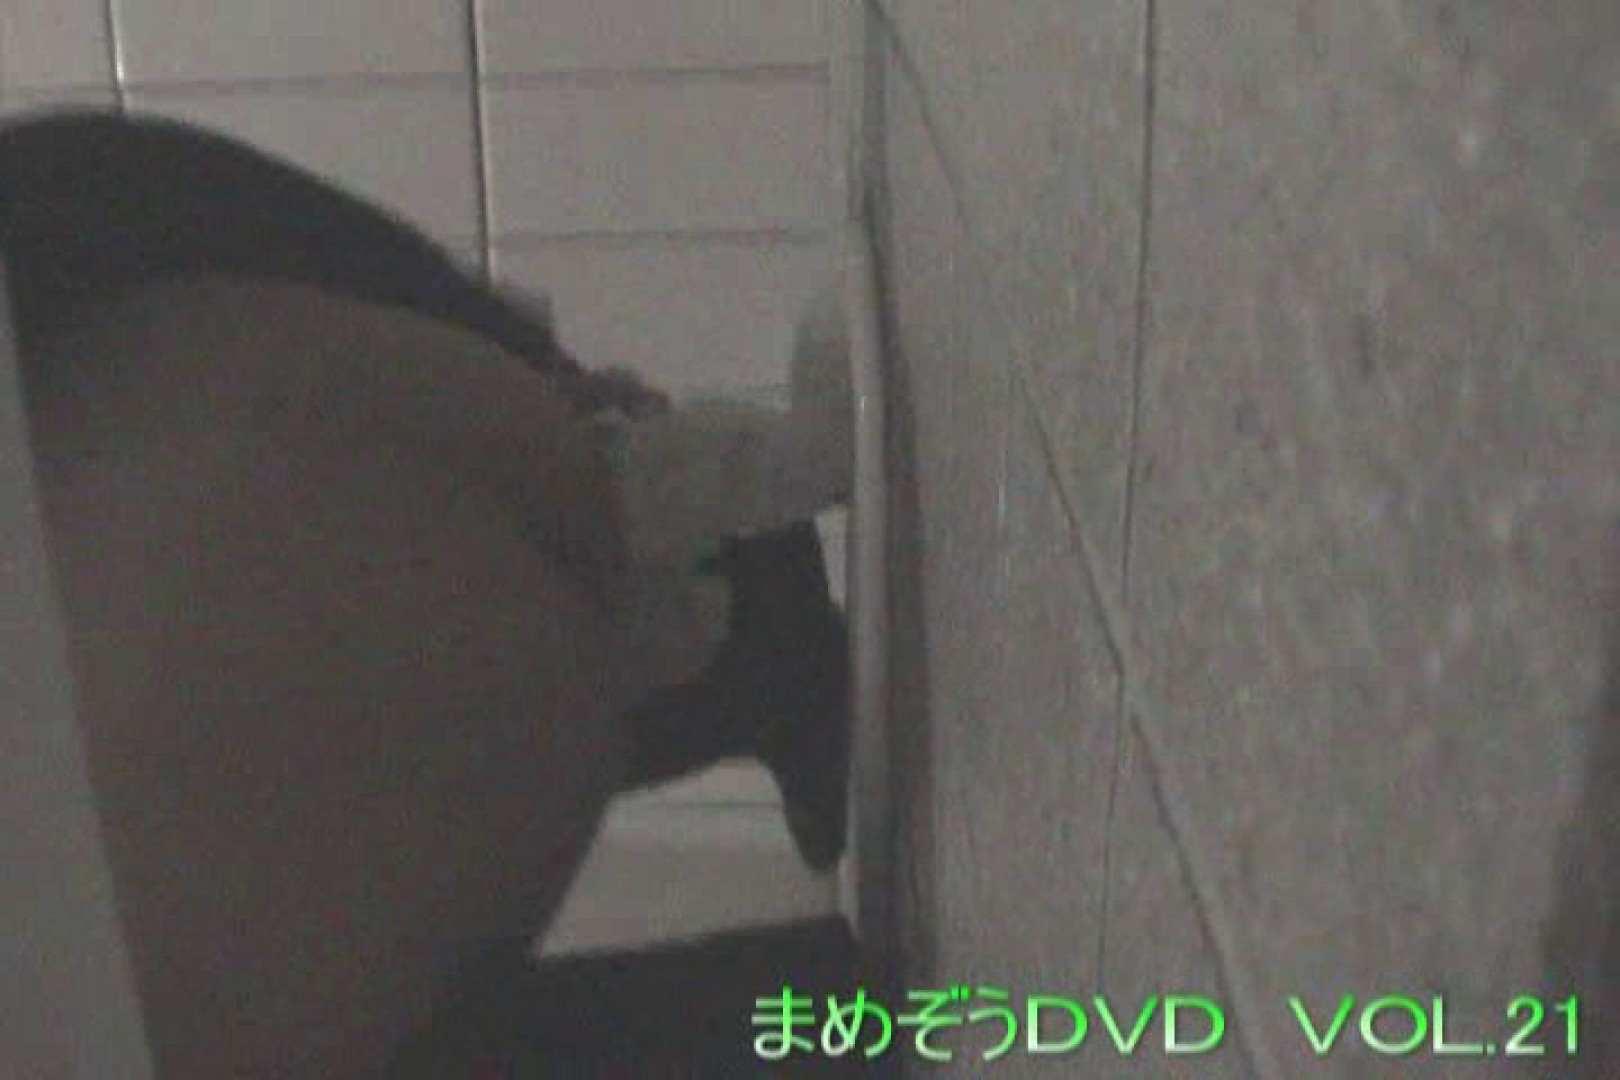 まめぞうDVD完全版VOL.21 洗面所 | ギャル攻め  91画像 85